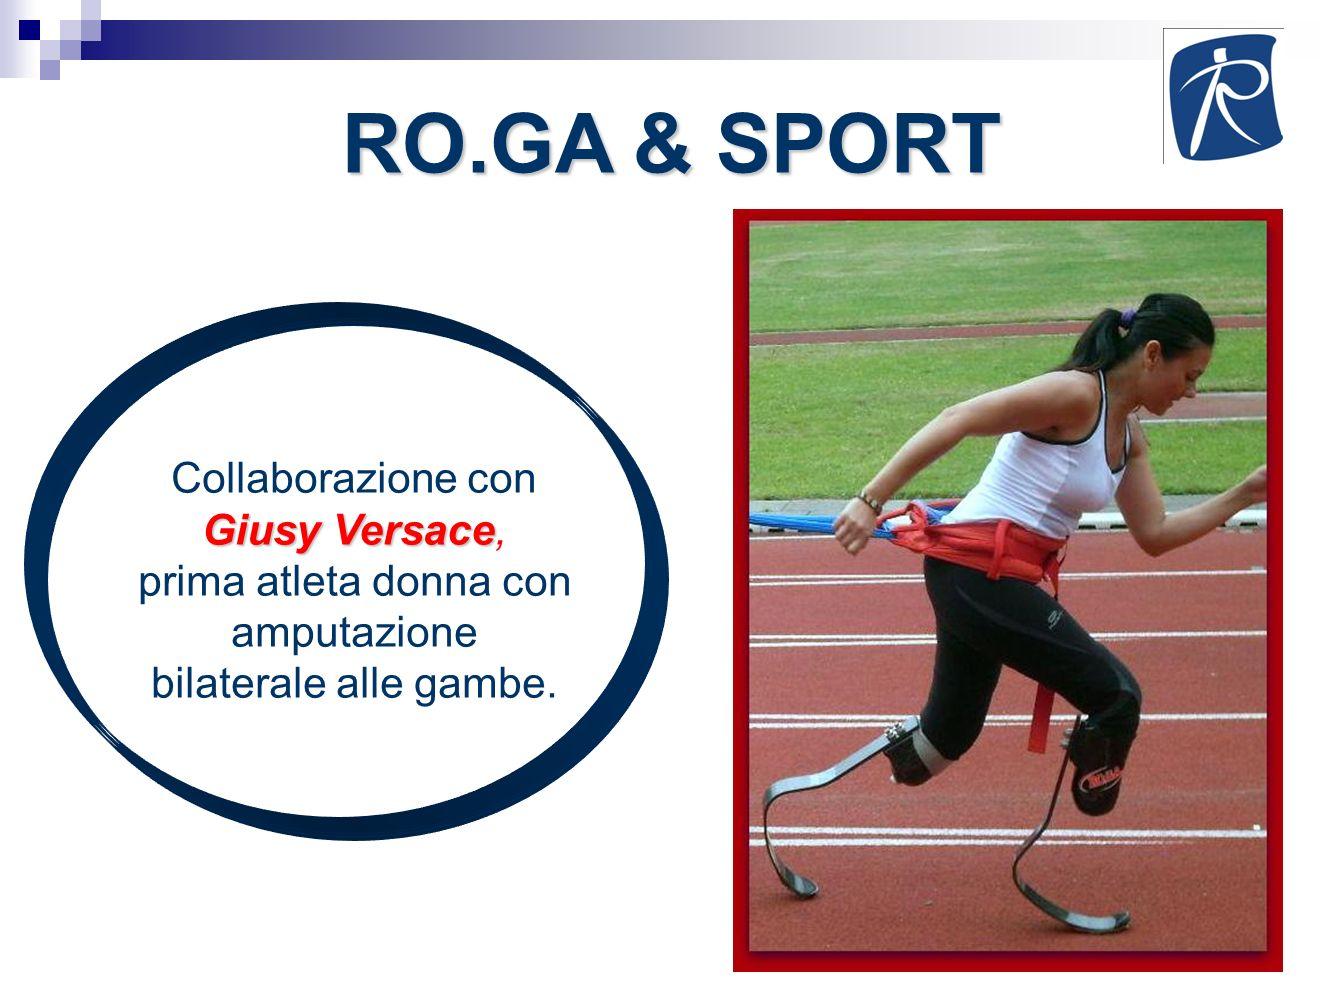 Collaborazione con Giusy Versace Giusy Versace, prima atleta donna con amputazione bilaterale alle gambe. RO.GA & SPORT